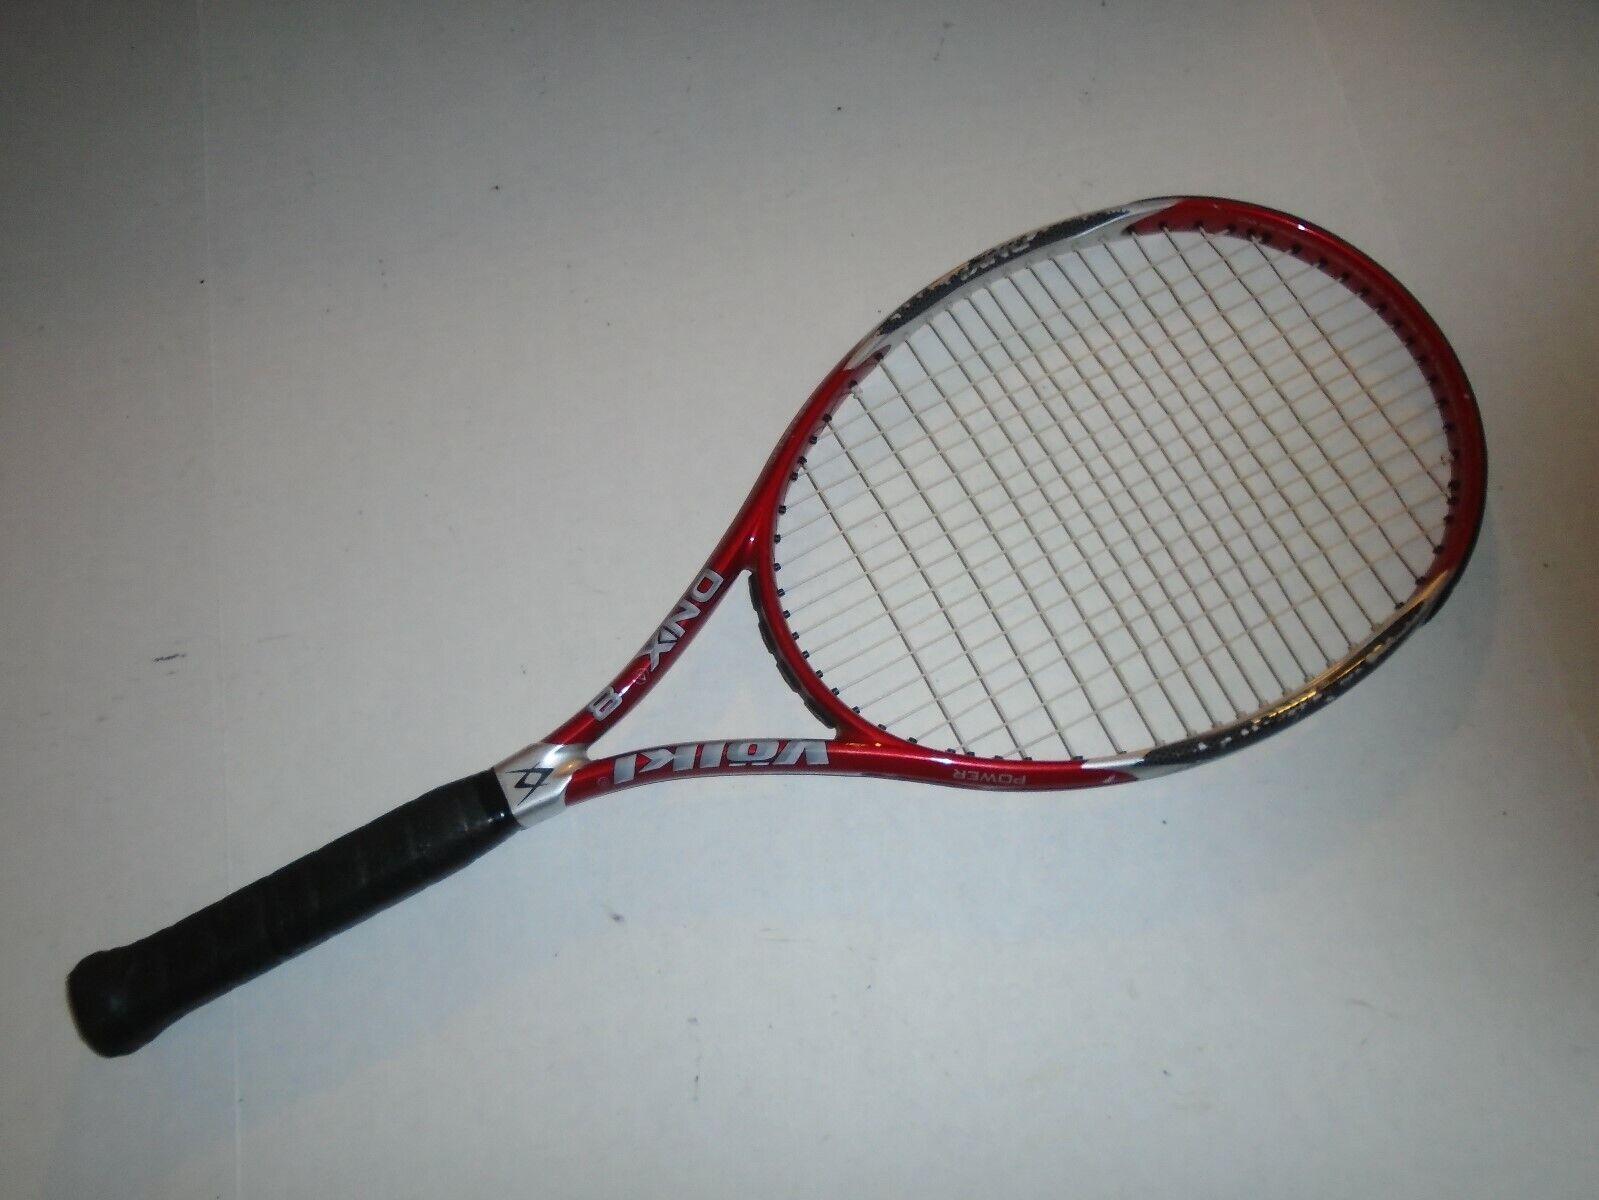 Volkl Dnx 8 tenis raqueta de Energía Genética.  4 1 2.  bienvenido a comprar